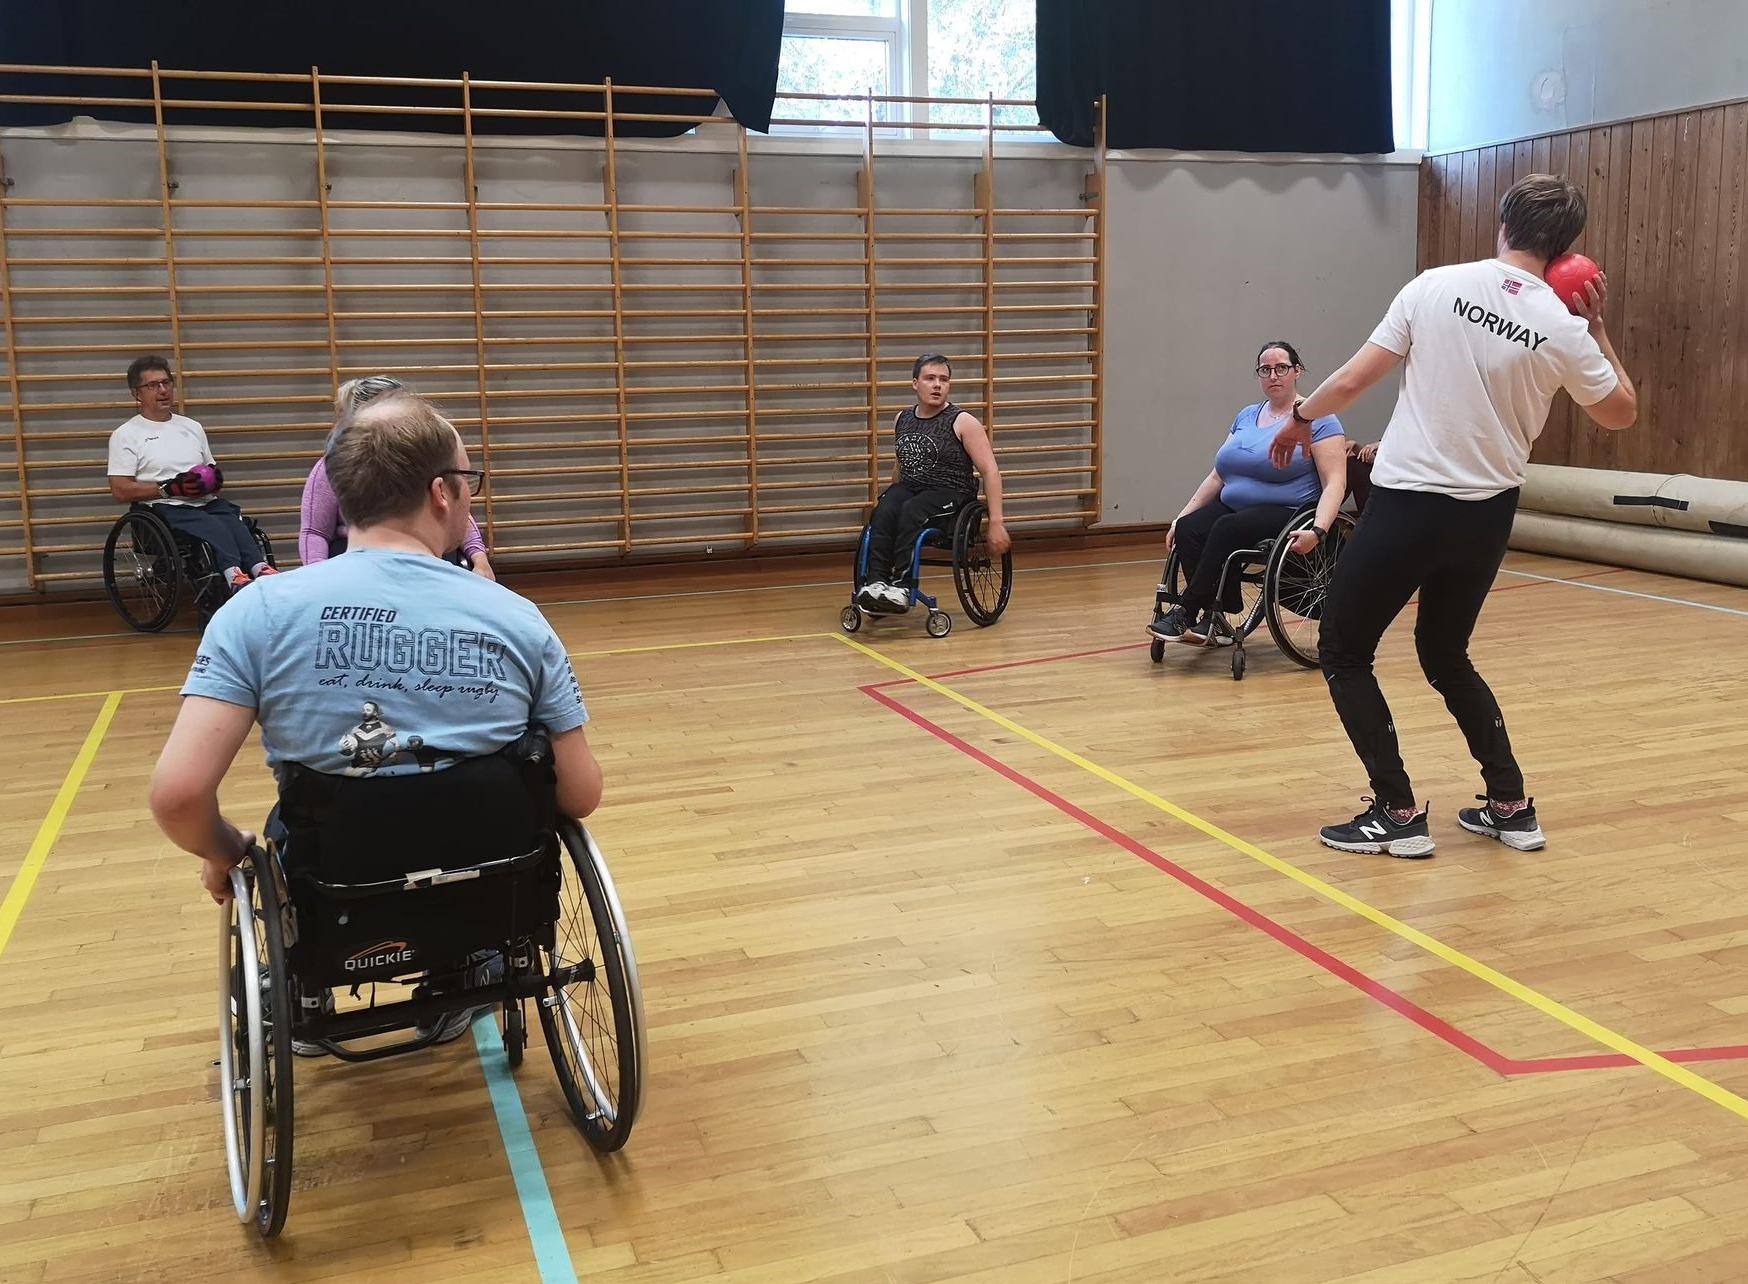 Bildet viser aktivitet i gymsal for folk som sitter i rullestol